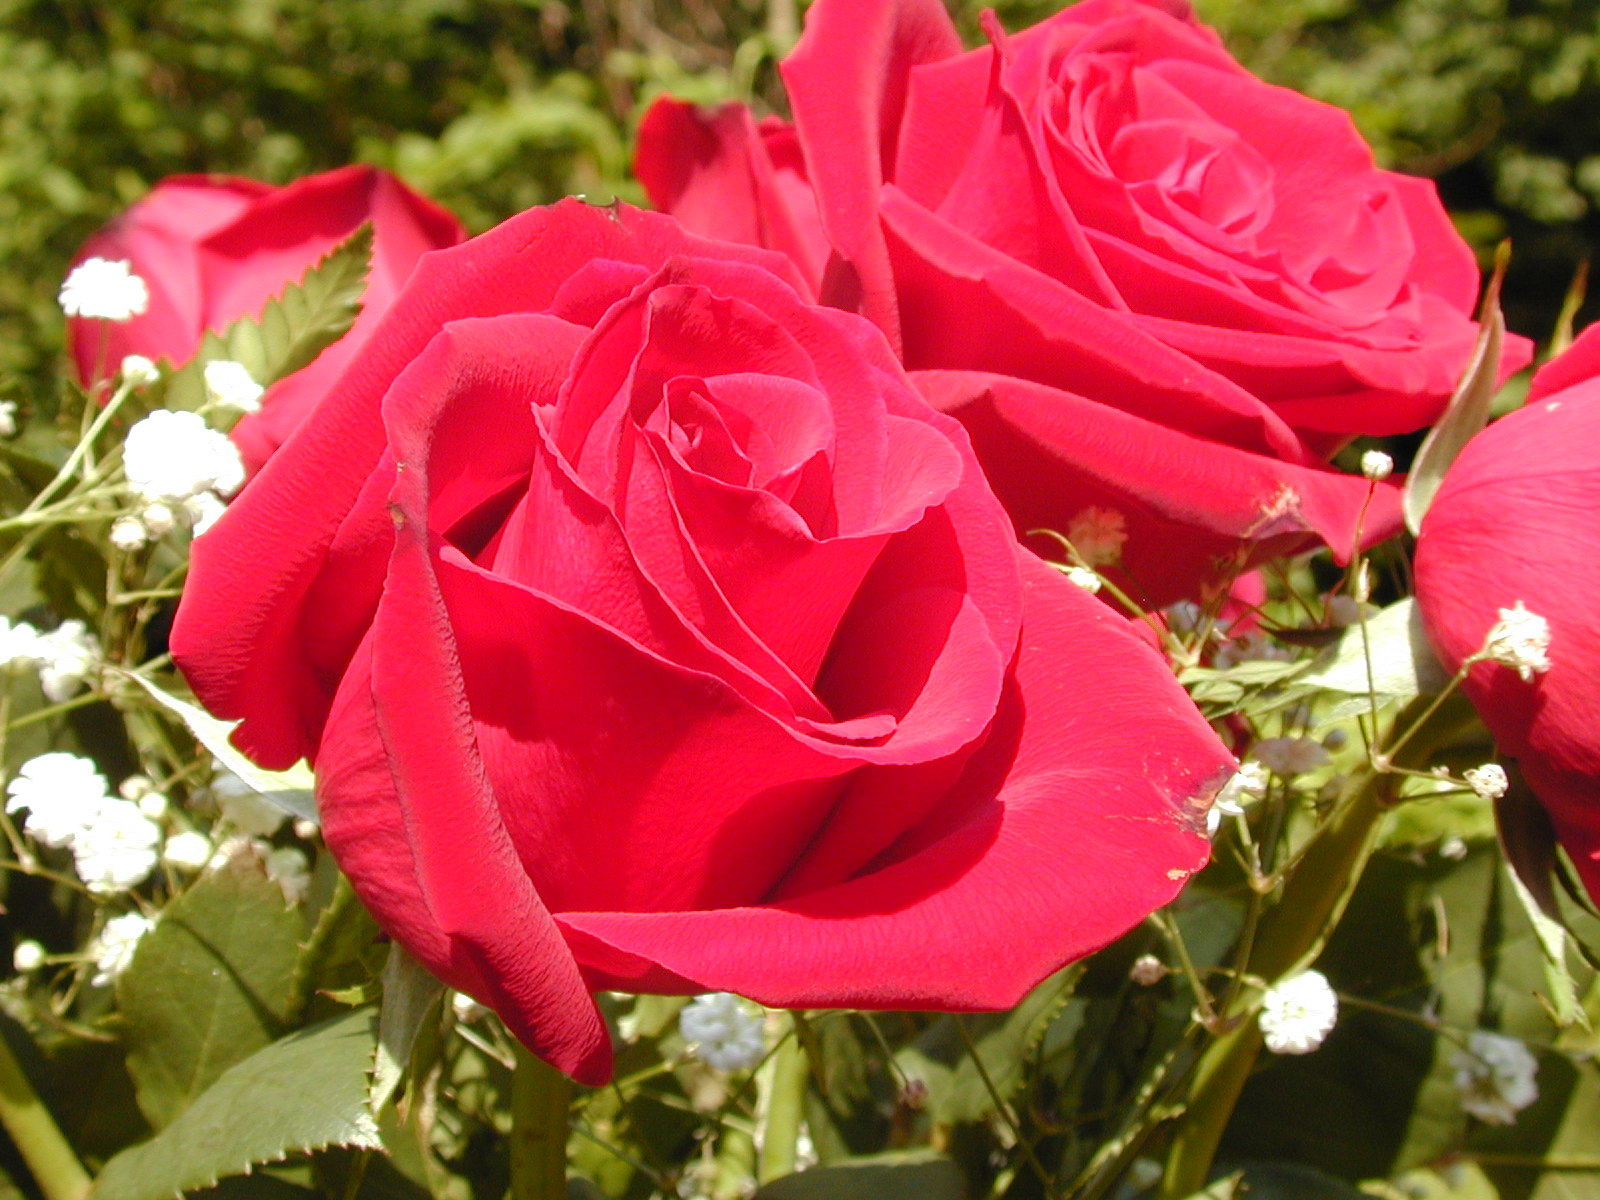 ورود جديدة للتصميم ~ red_rose_flower3.jpg